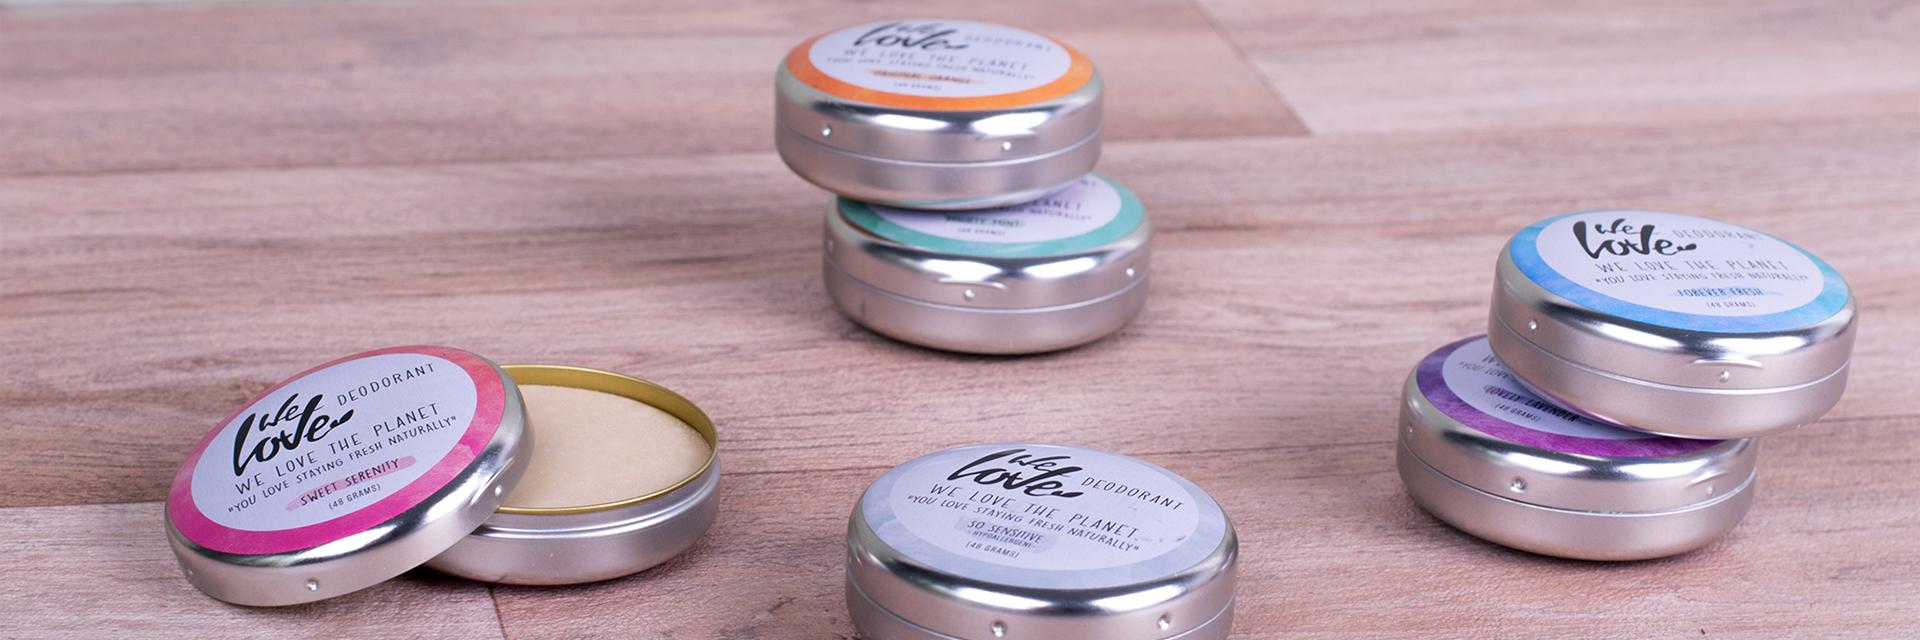 We Love The Planet natuurlijke deodorant groothandel